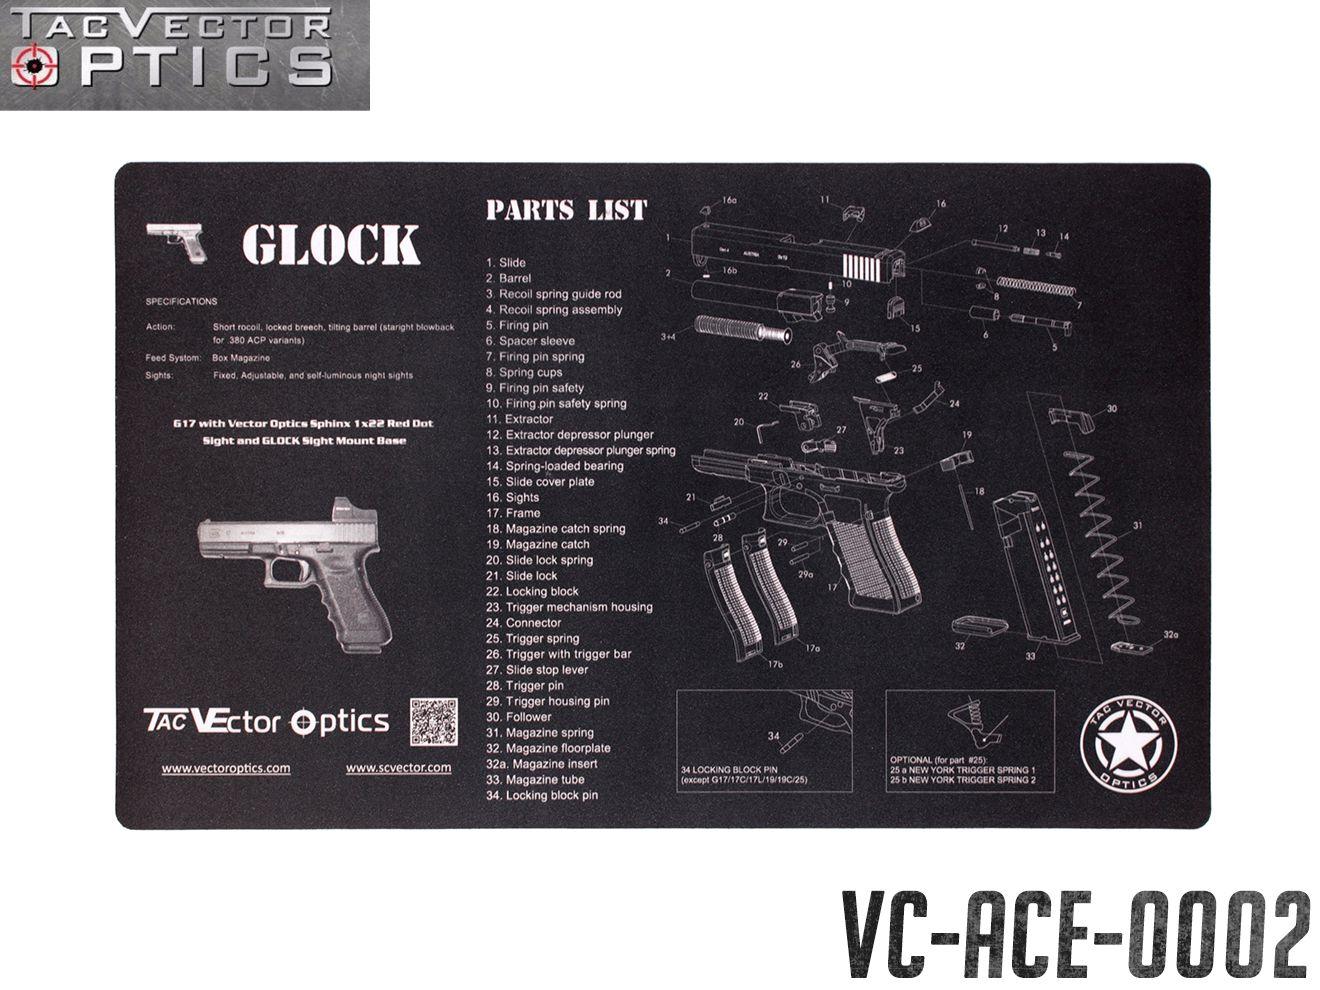 VECTOR OPTICS ガン クリーニングマット GLOCK◆G17 グロック17 トイガン メンテナンスマット 整備 分解 パーツリスト ベンチマット マウスパッド XLサイズ